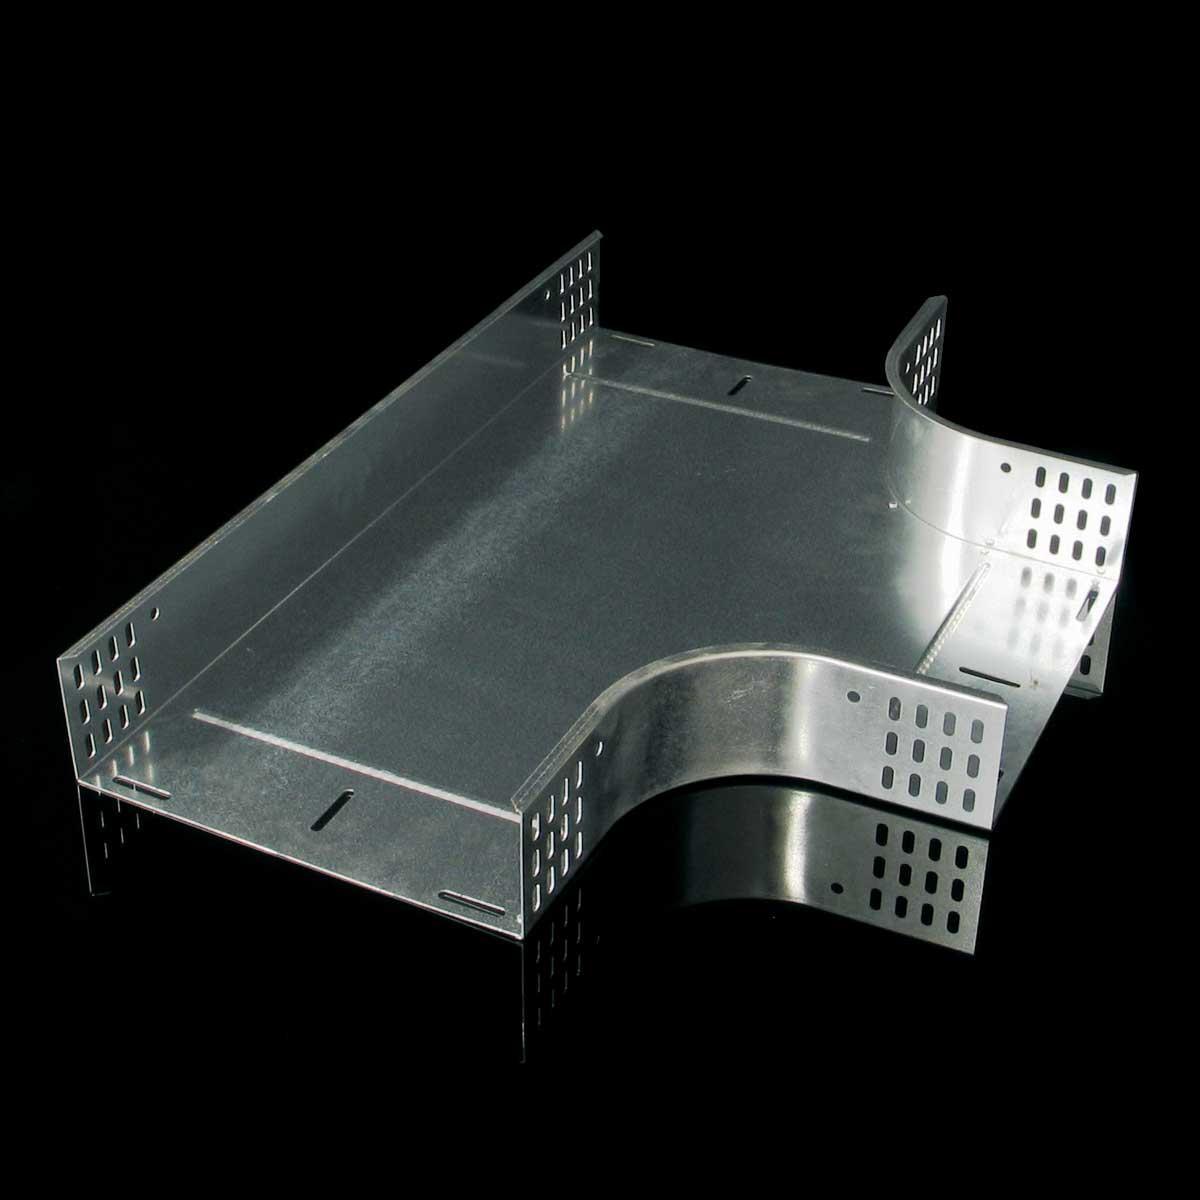 Відгалужувач горизонтальний Т-подібний JUPITER; розміри-110x300x500mm Товщ. метал-1 Вага-3,65кг/м